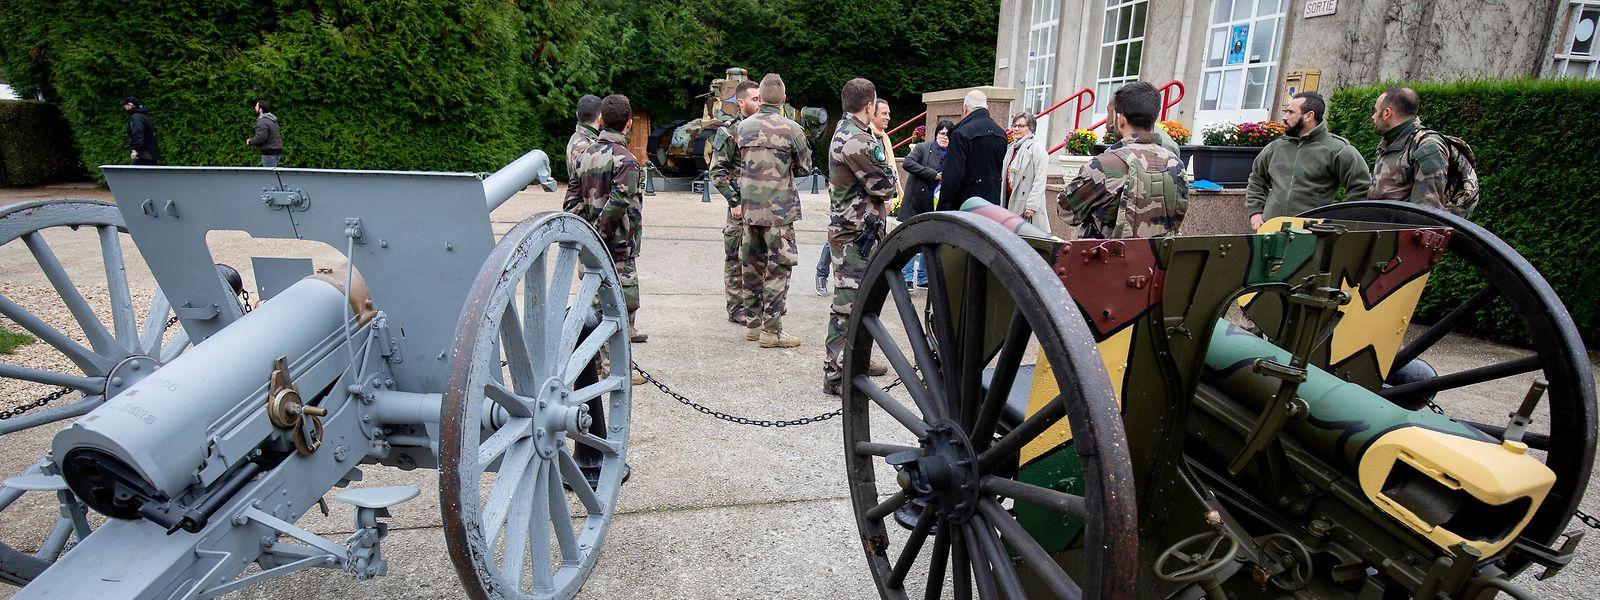 Französische Sicherheitskräfte stehen hinter historischen Geschützen bei der Waffenstillstands-Gedenkstätte bei Compiègne. Bundeskanzlerin Merkel und der französische Präsident Macron werden sich am Samstag in Compiègne, dem Ort der Unterzeichnung des Waffenstillstandes, treffen, um an das Ende des Ersten Weltkrieges vor 100 Jahren zu erinnern.